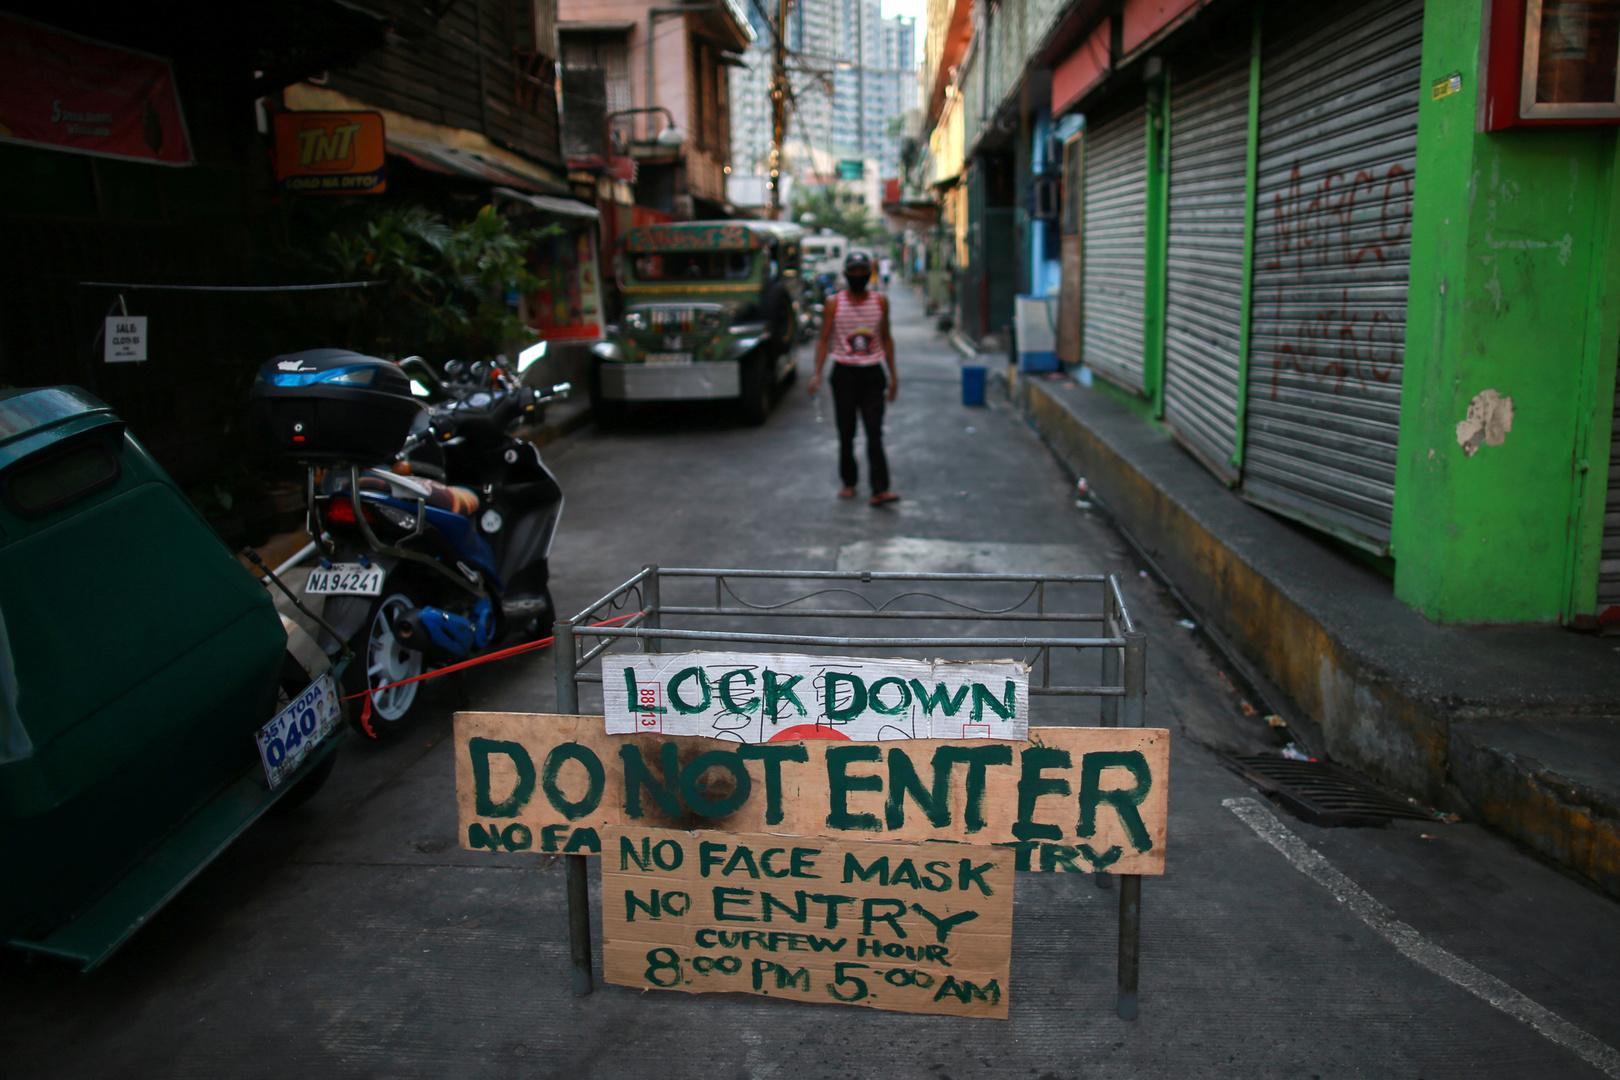 7 dødsfald og mere end 70 nye tilfælde af korona på Filippinerne